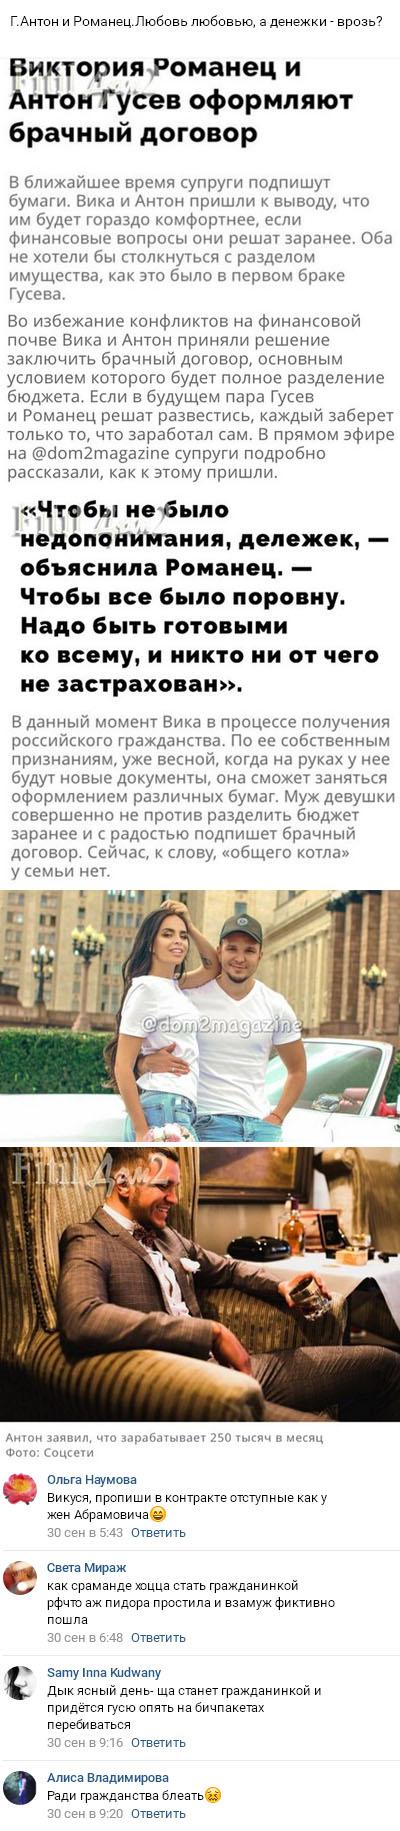 Доказательства фиктивности брака Антона Гусева и Виктории Романец